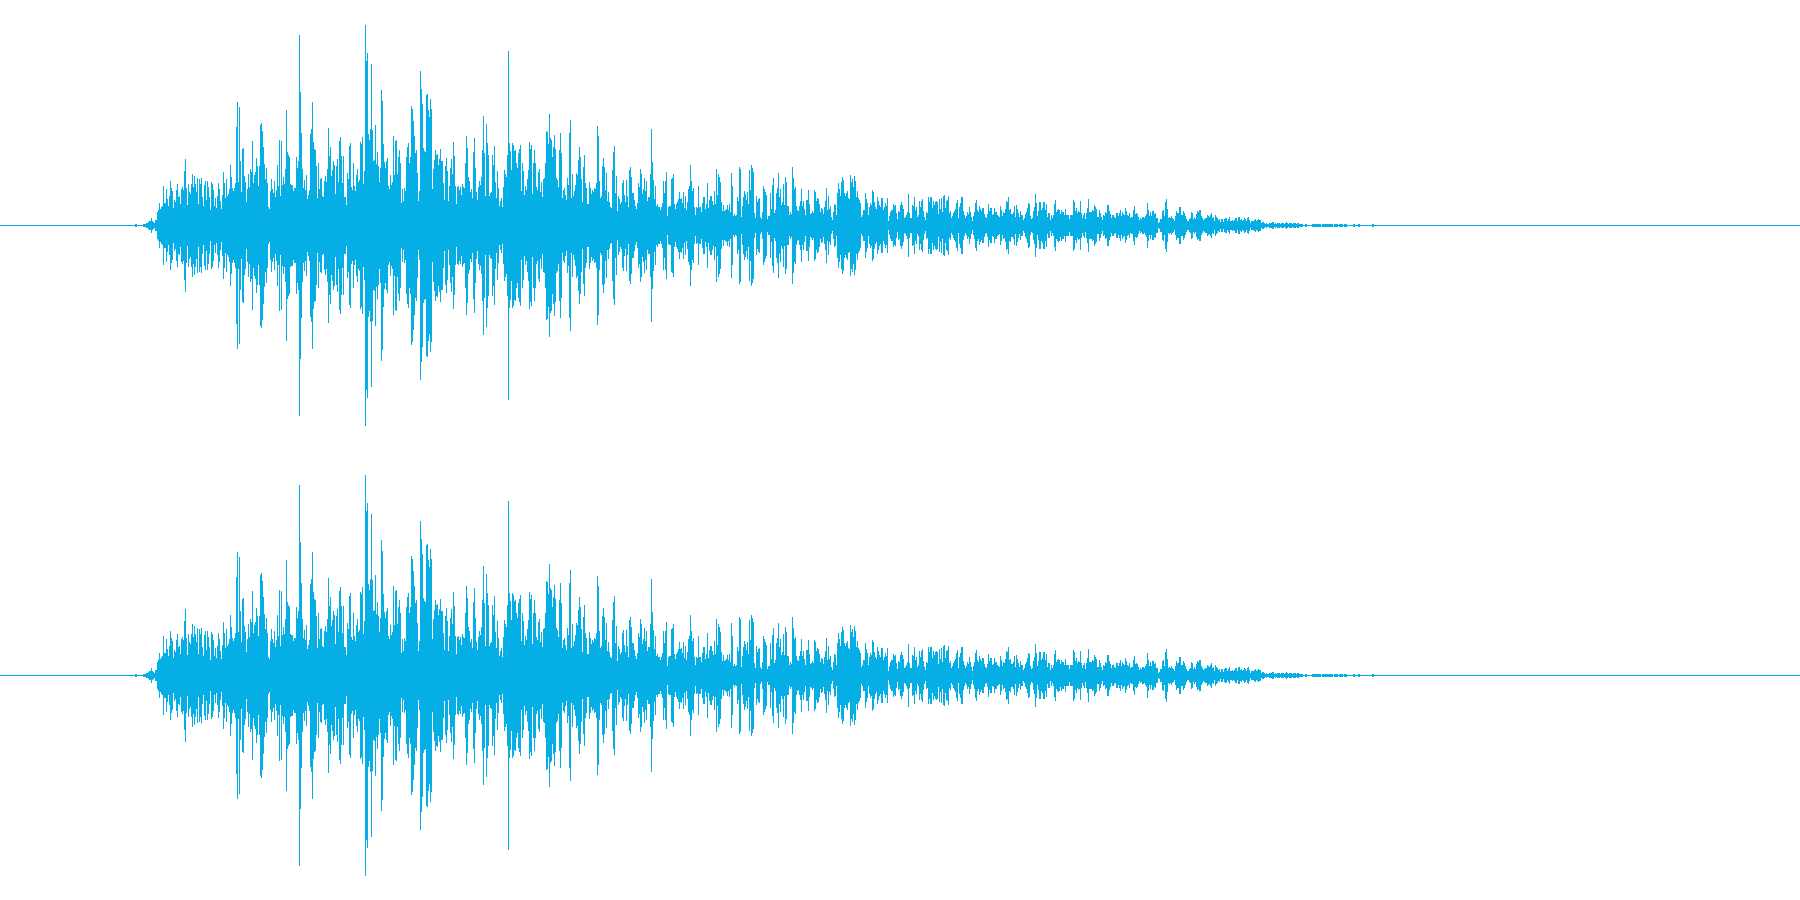 ガオー (猛獣・モンスターの鳴き声)の再生済みの波形